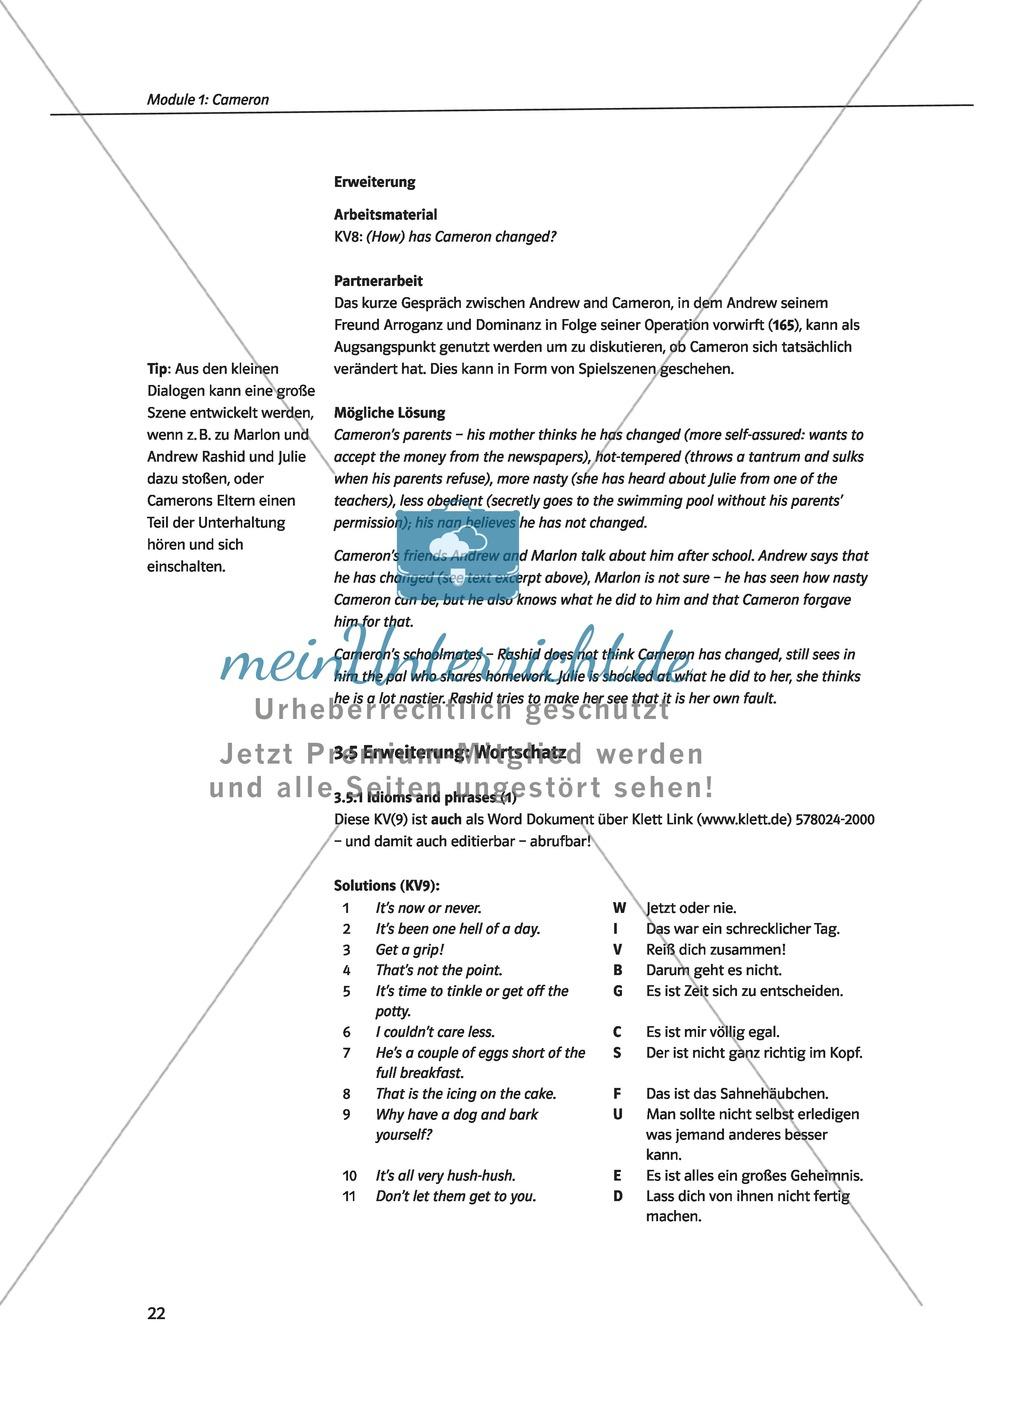 Cameron as the main character: Direct and indirect characterisation. Mit didaktischen Anmerkungen, Kopiervorlagen, Vokabelanmerkungen und Lösungsvorschlägen. Preview 6